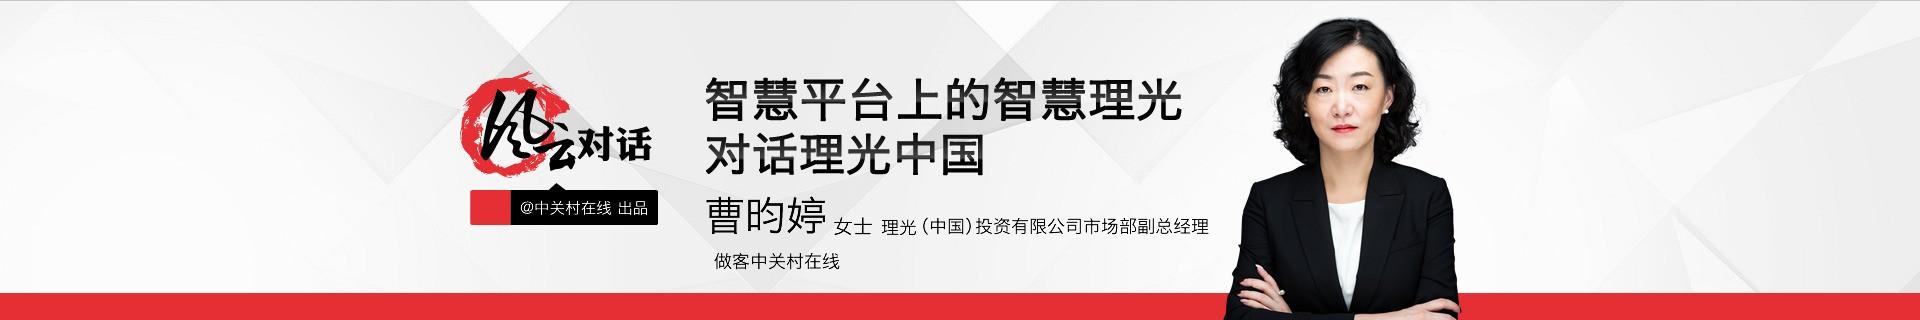 对话理光中国:智慧平台上的智慧理光